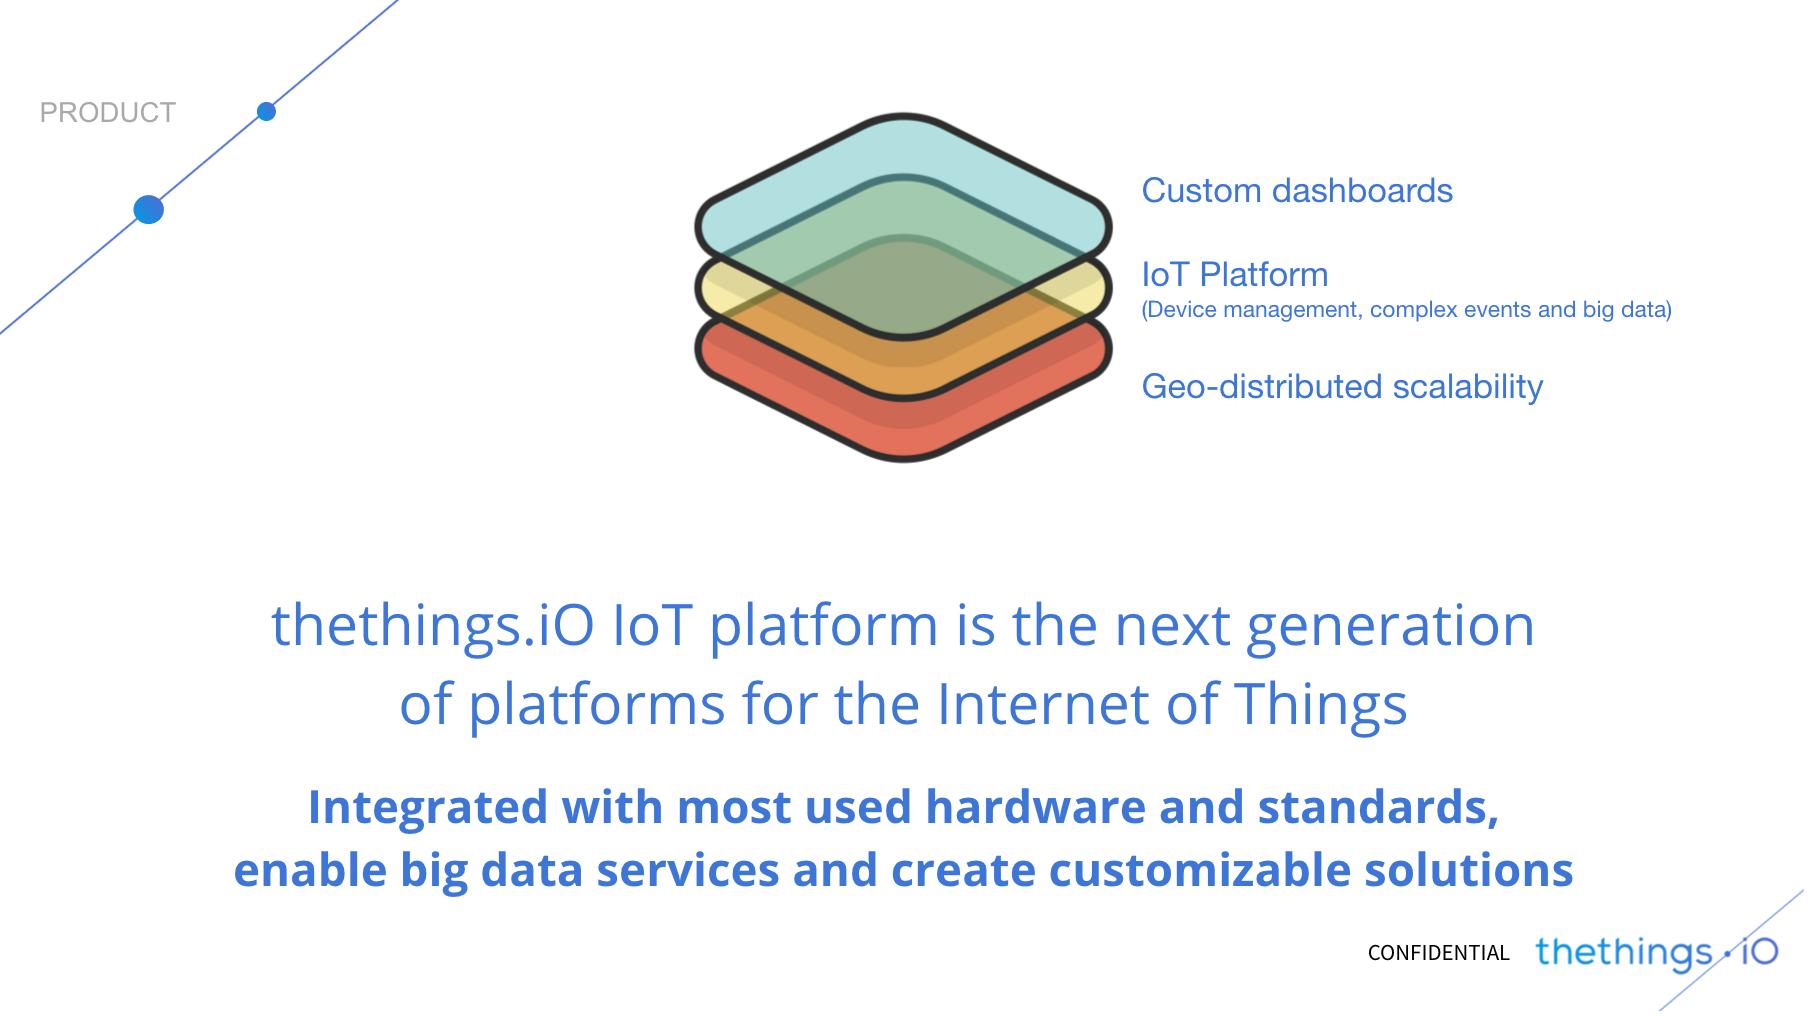 thethings.iO IoT webinar